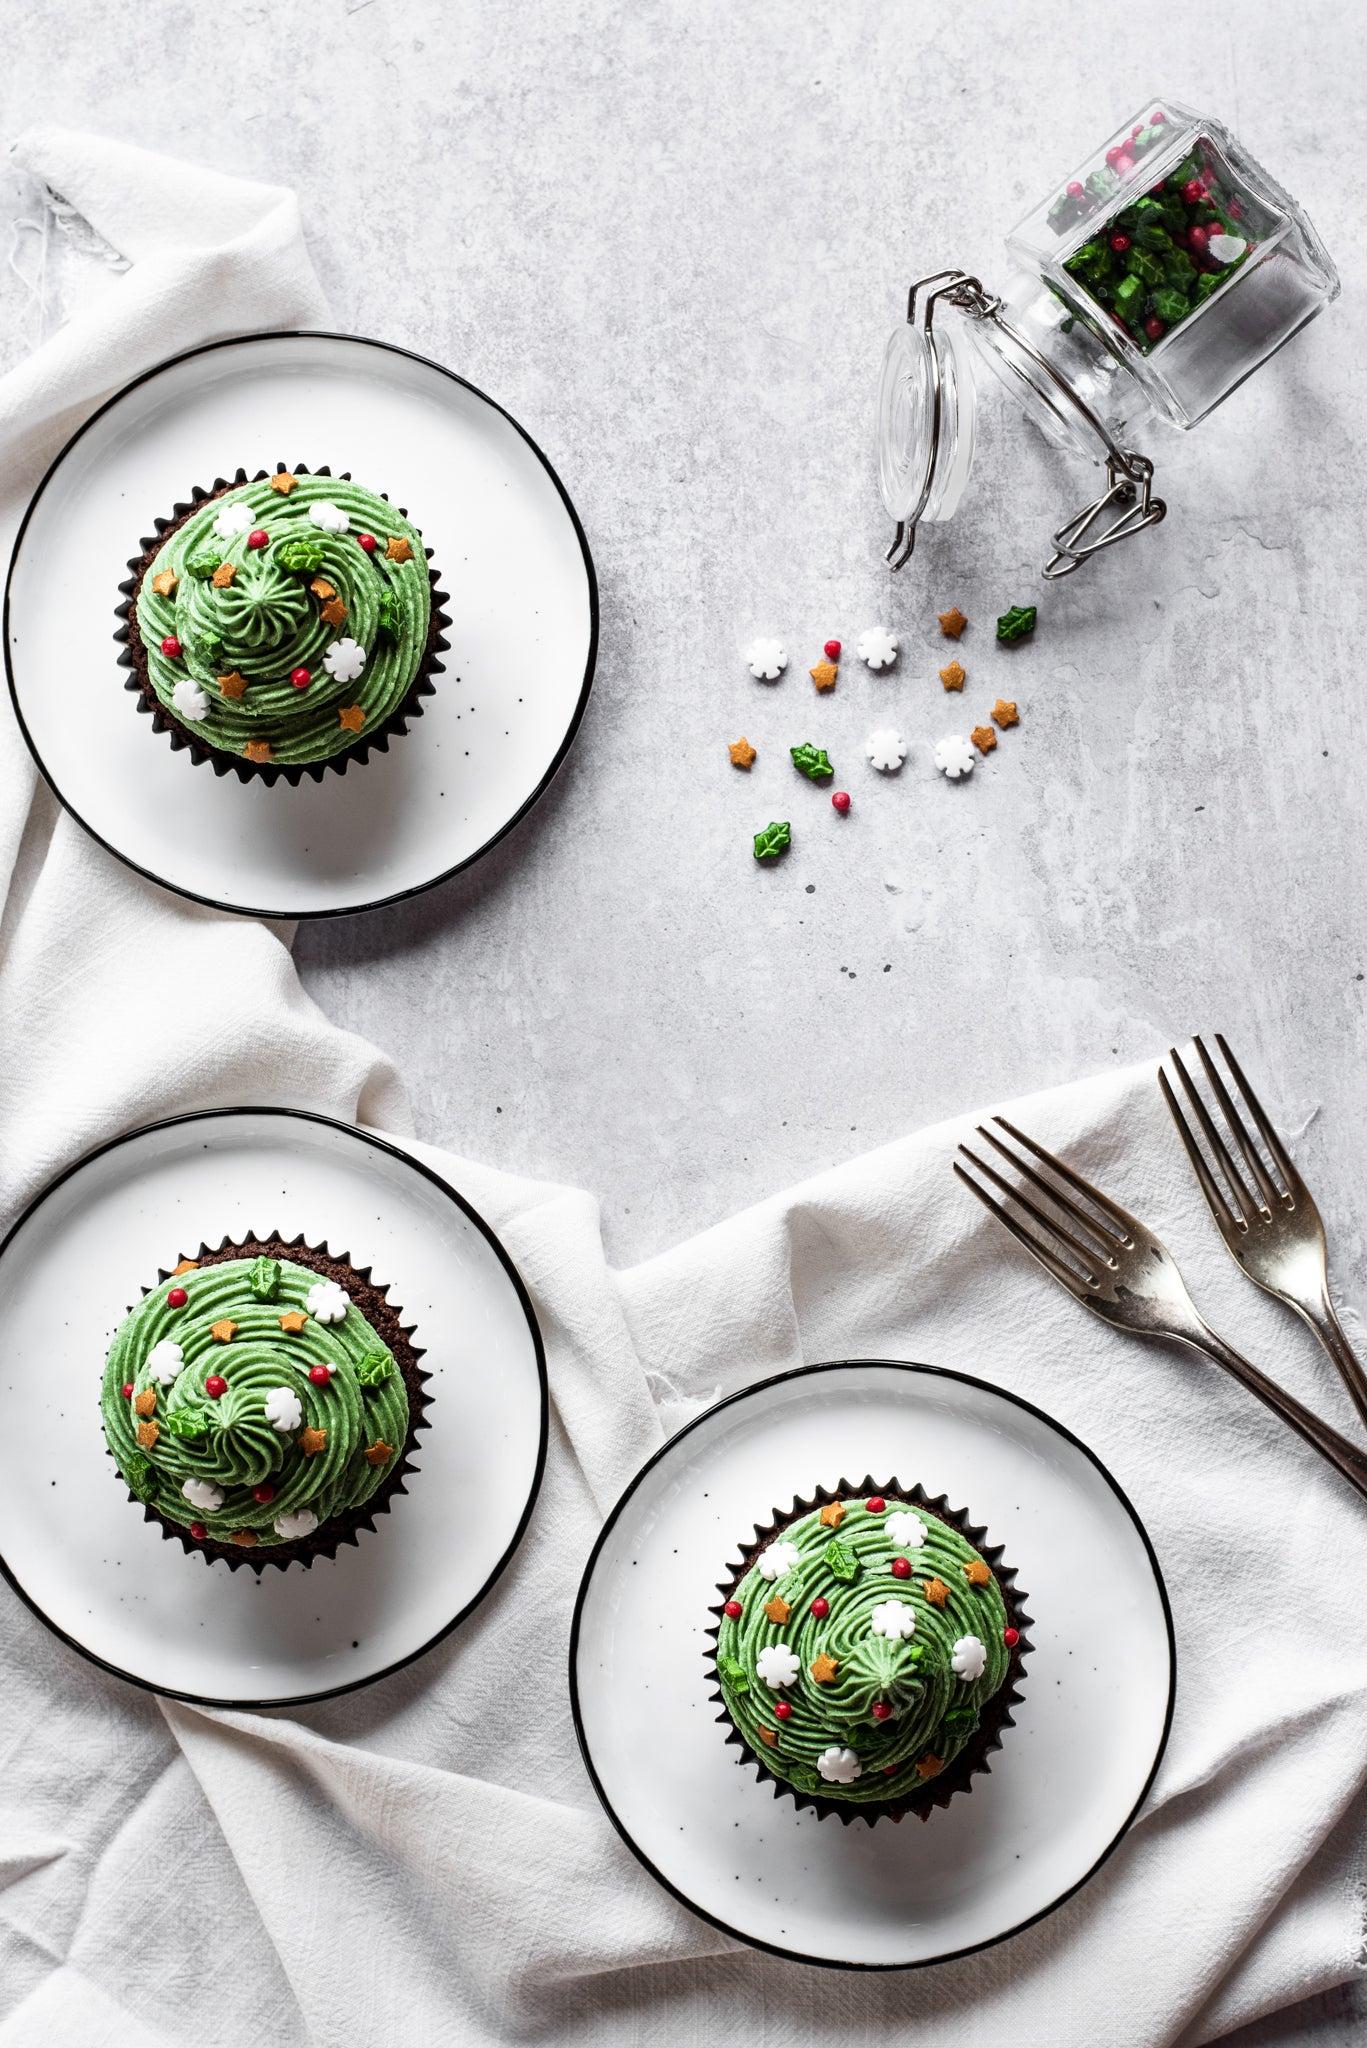 Christmas-Tree-Cupcakes-WEB-RES-7.jpg